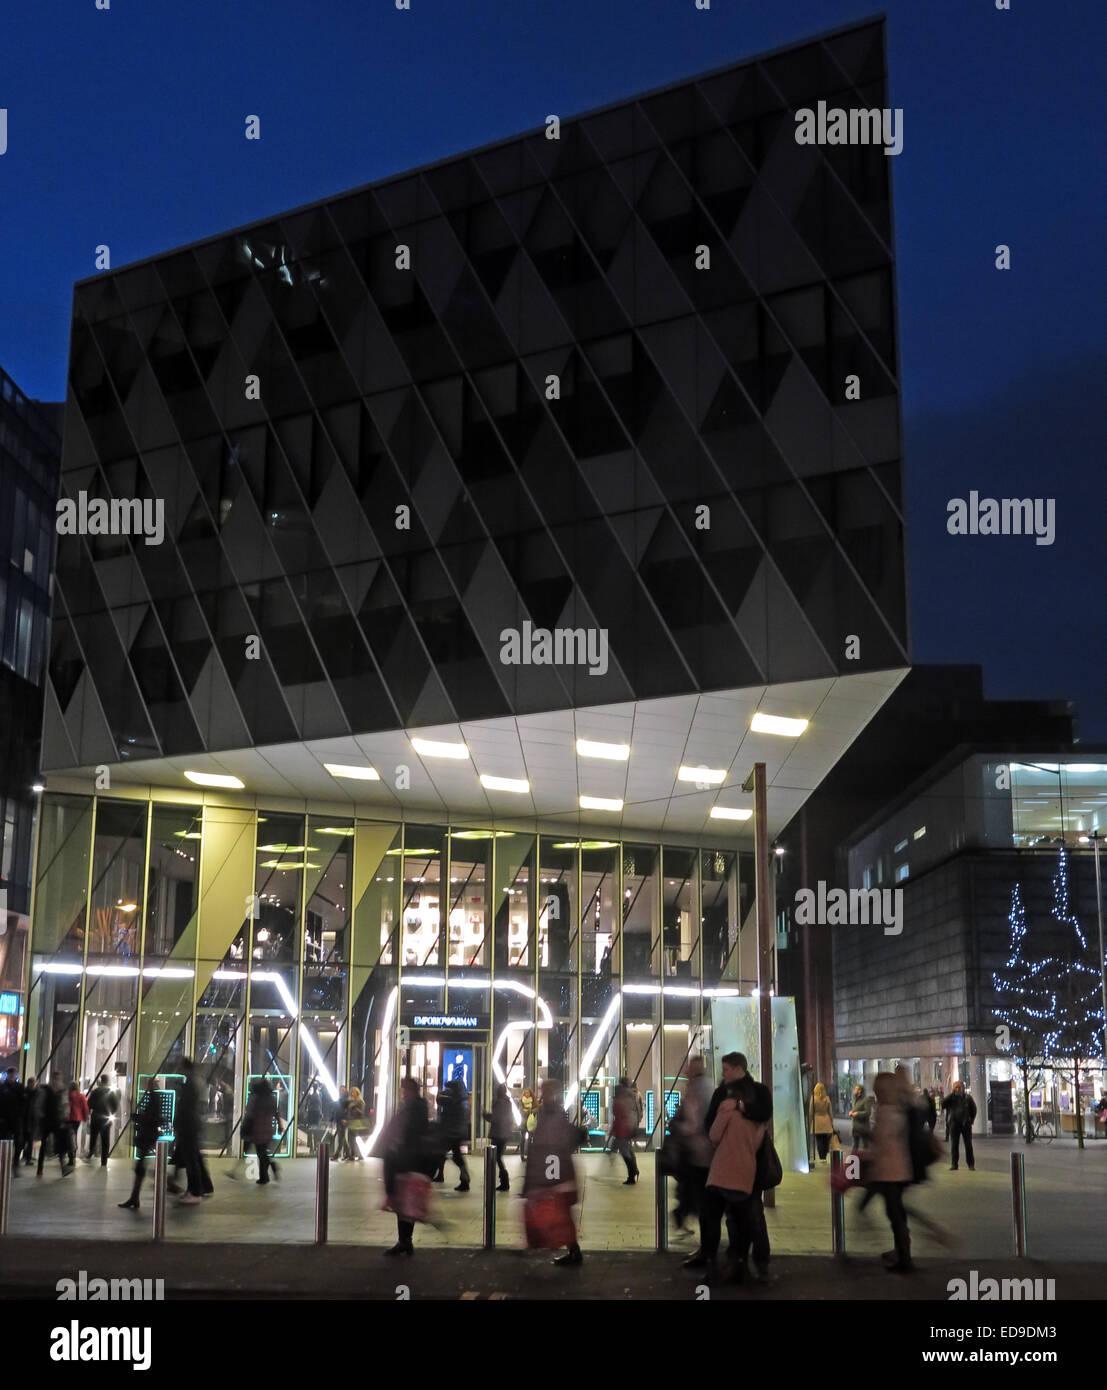 Laden Sie dieses Alamy Stockfoto Georgio Armani Manchester Deansgate, England, UK in der Abenddämmerung - ED9DM3